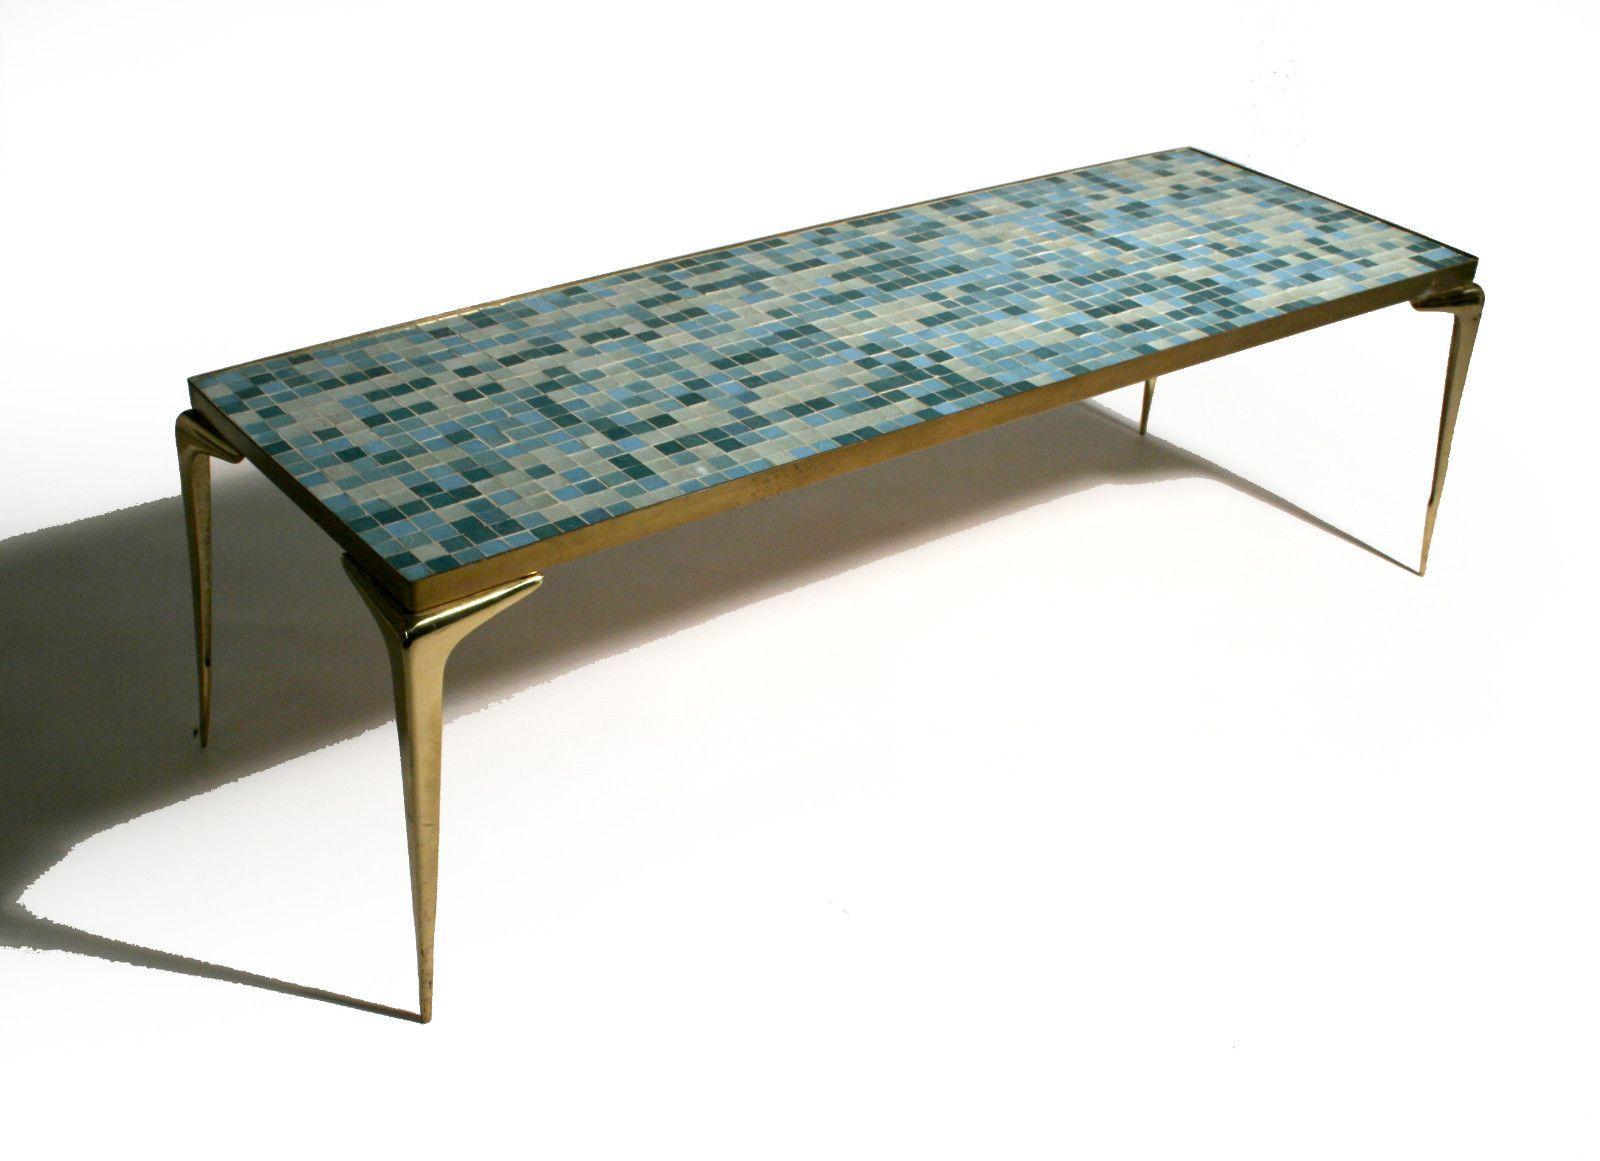 50s mid century modern italian brass mosaic tile coffee table 50s mid century modern italian brass mosaic tile coffee table geotapseo Image collections